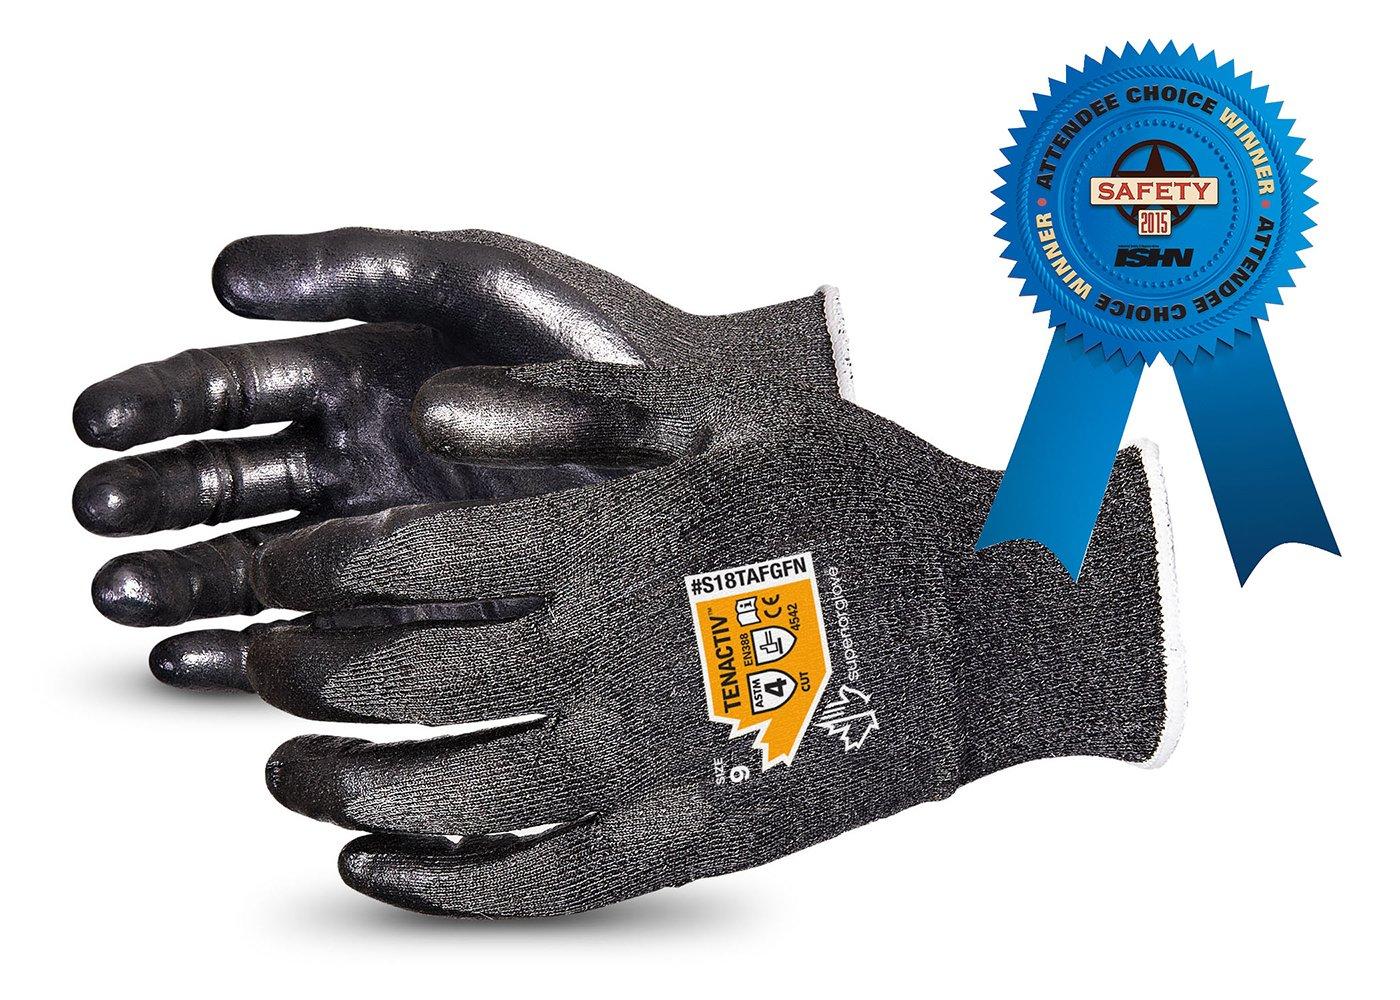 TenActiv Cut Resistant Gloves: 18-Gauge Composite Filament Fiber w/Level-4 Cut-Resistance & Foam Nitrile Palms (Touchscreen-Compatible) (Item S18TAFGFN - Size 5)